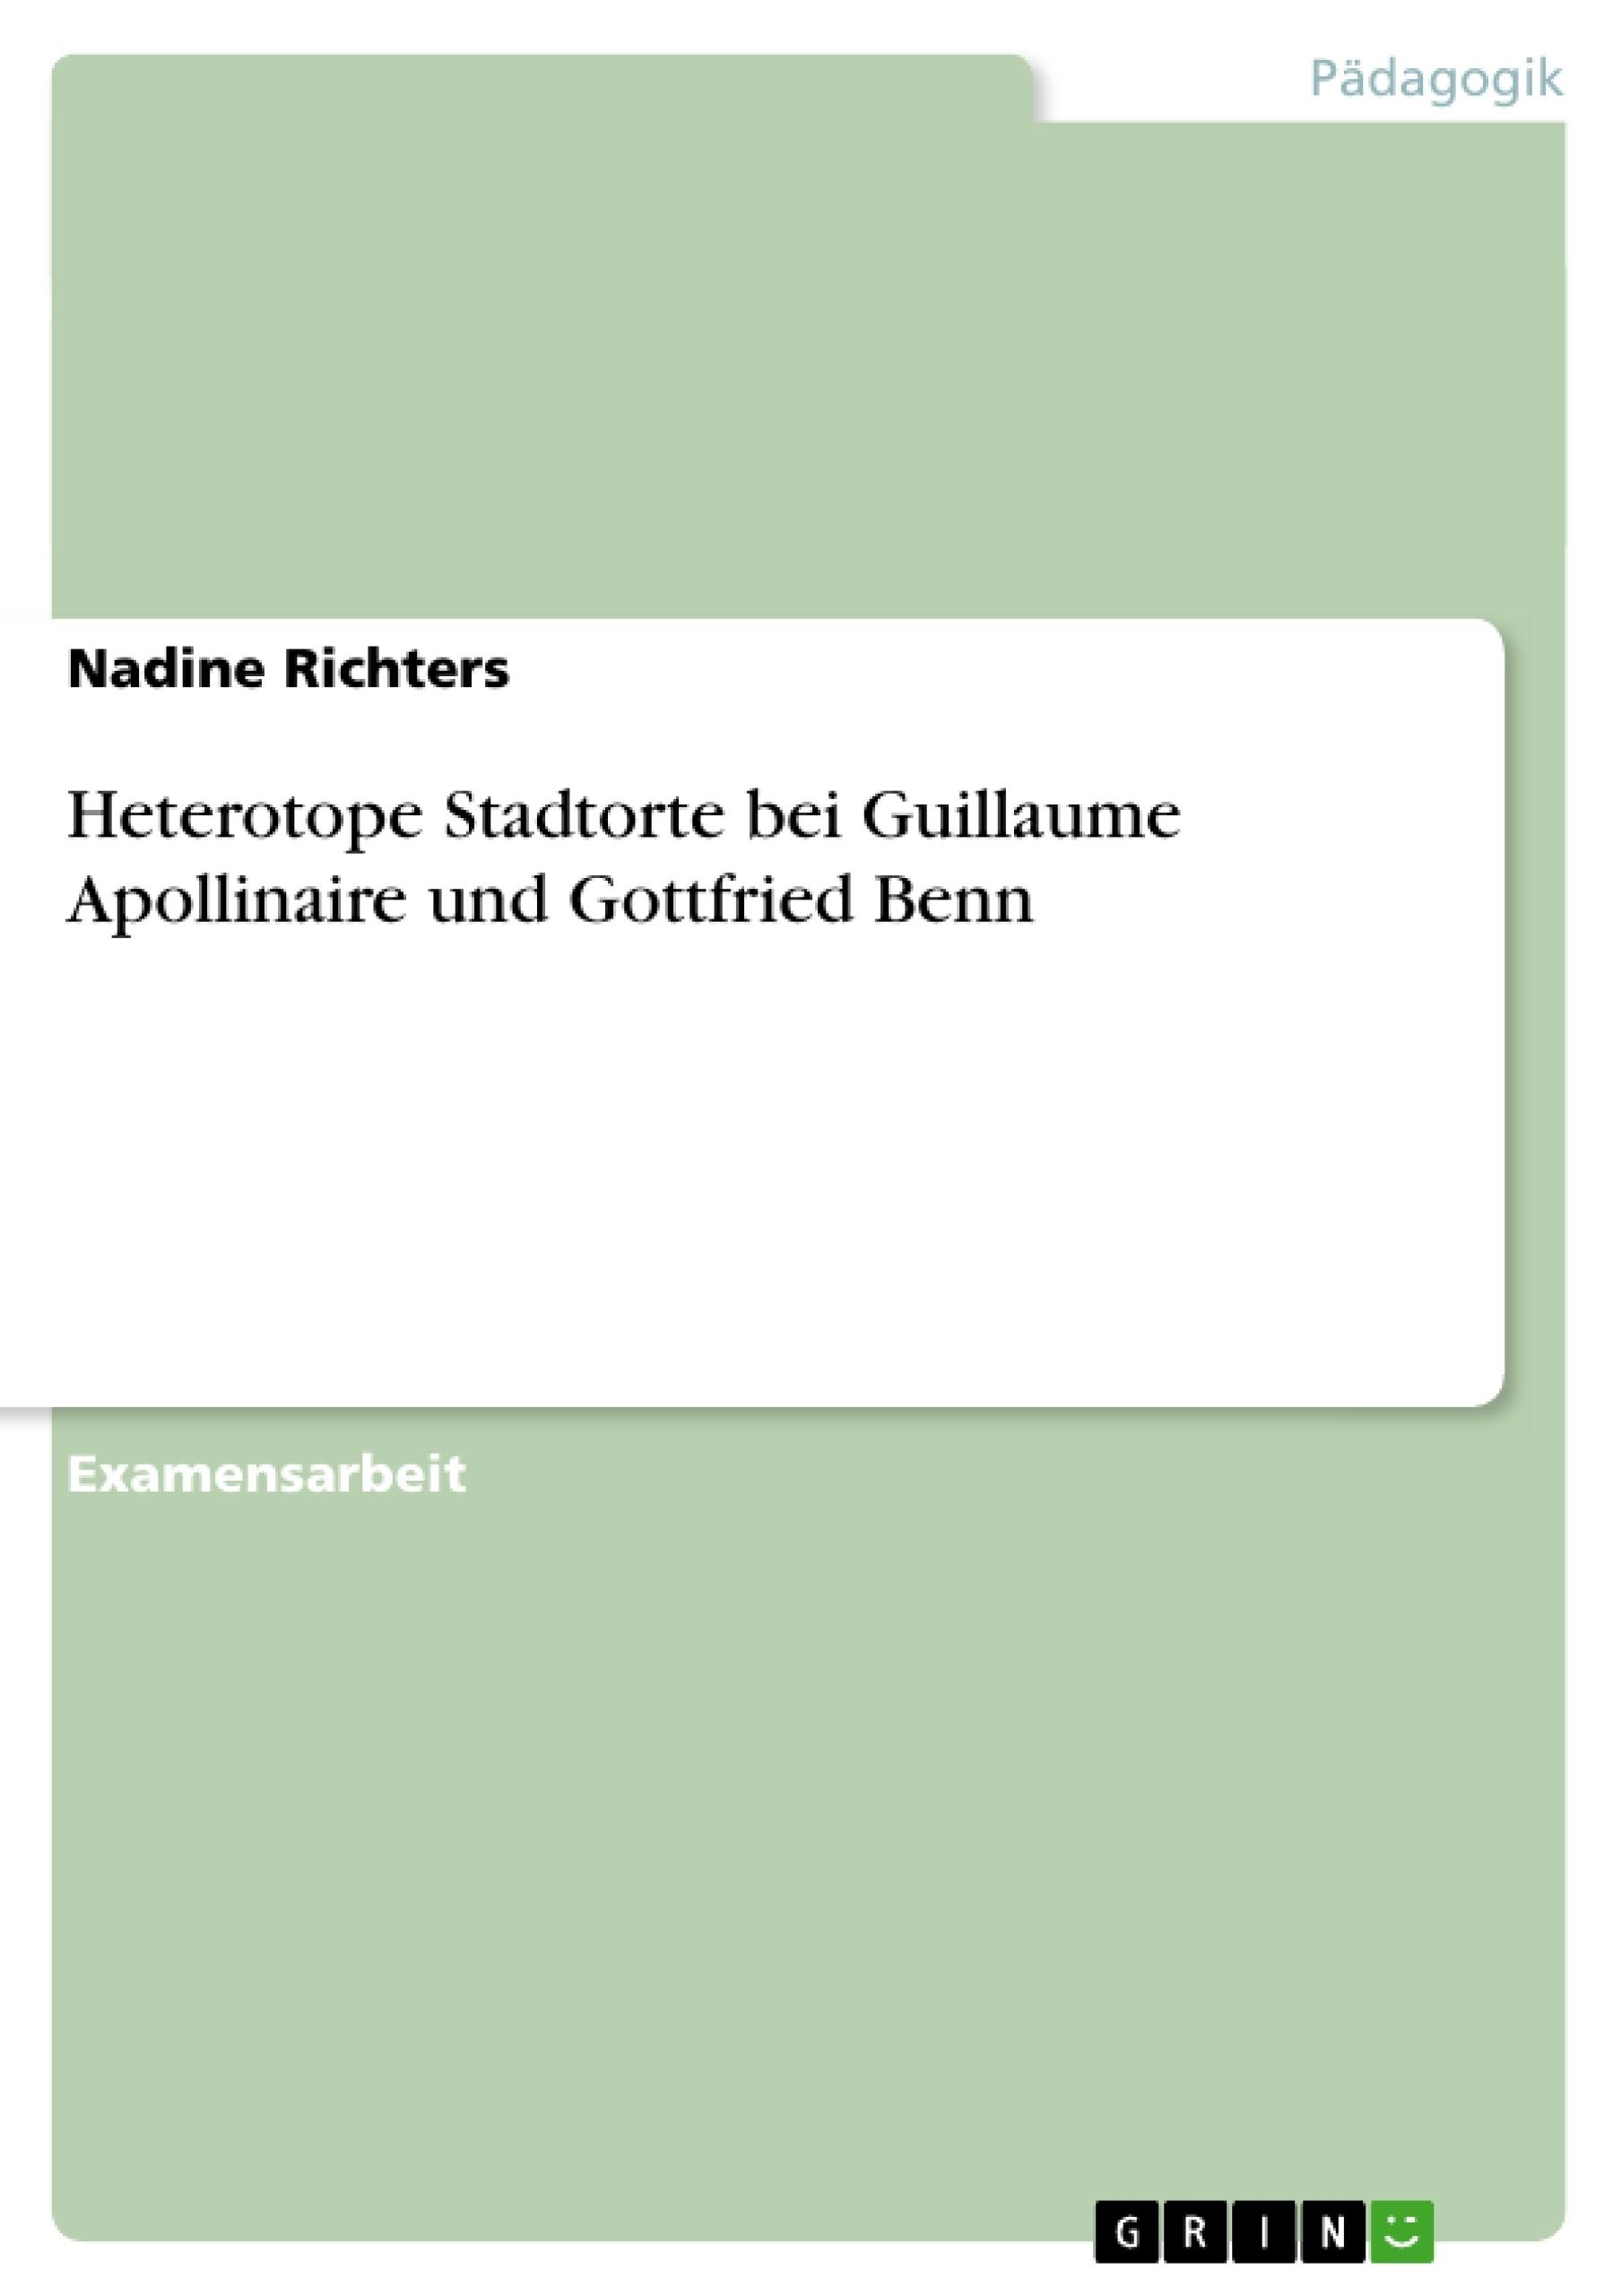 Titel: Heterotope Stadtorte bei Guillaume Apollinaire und Gottfried Benn